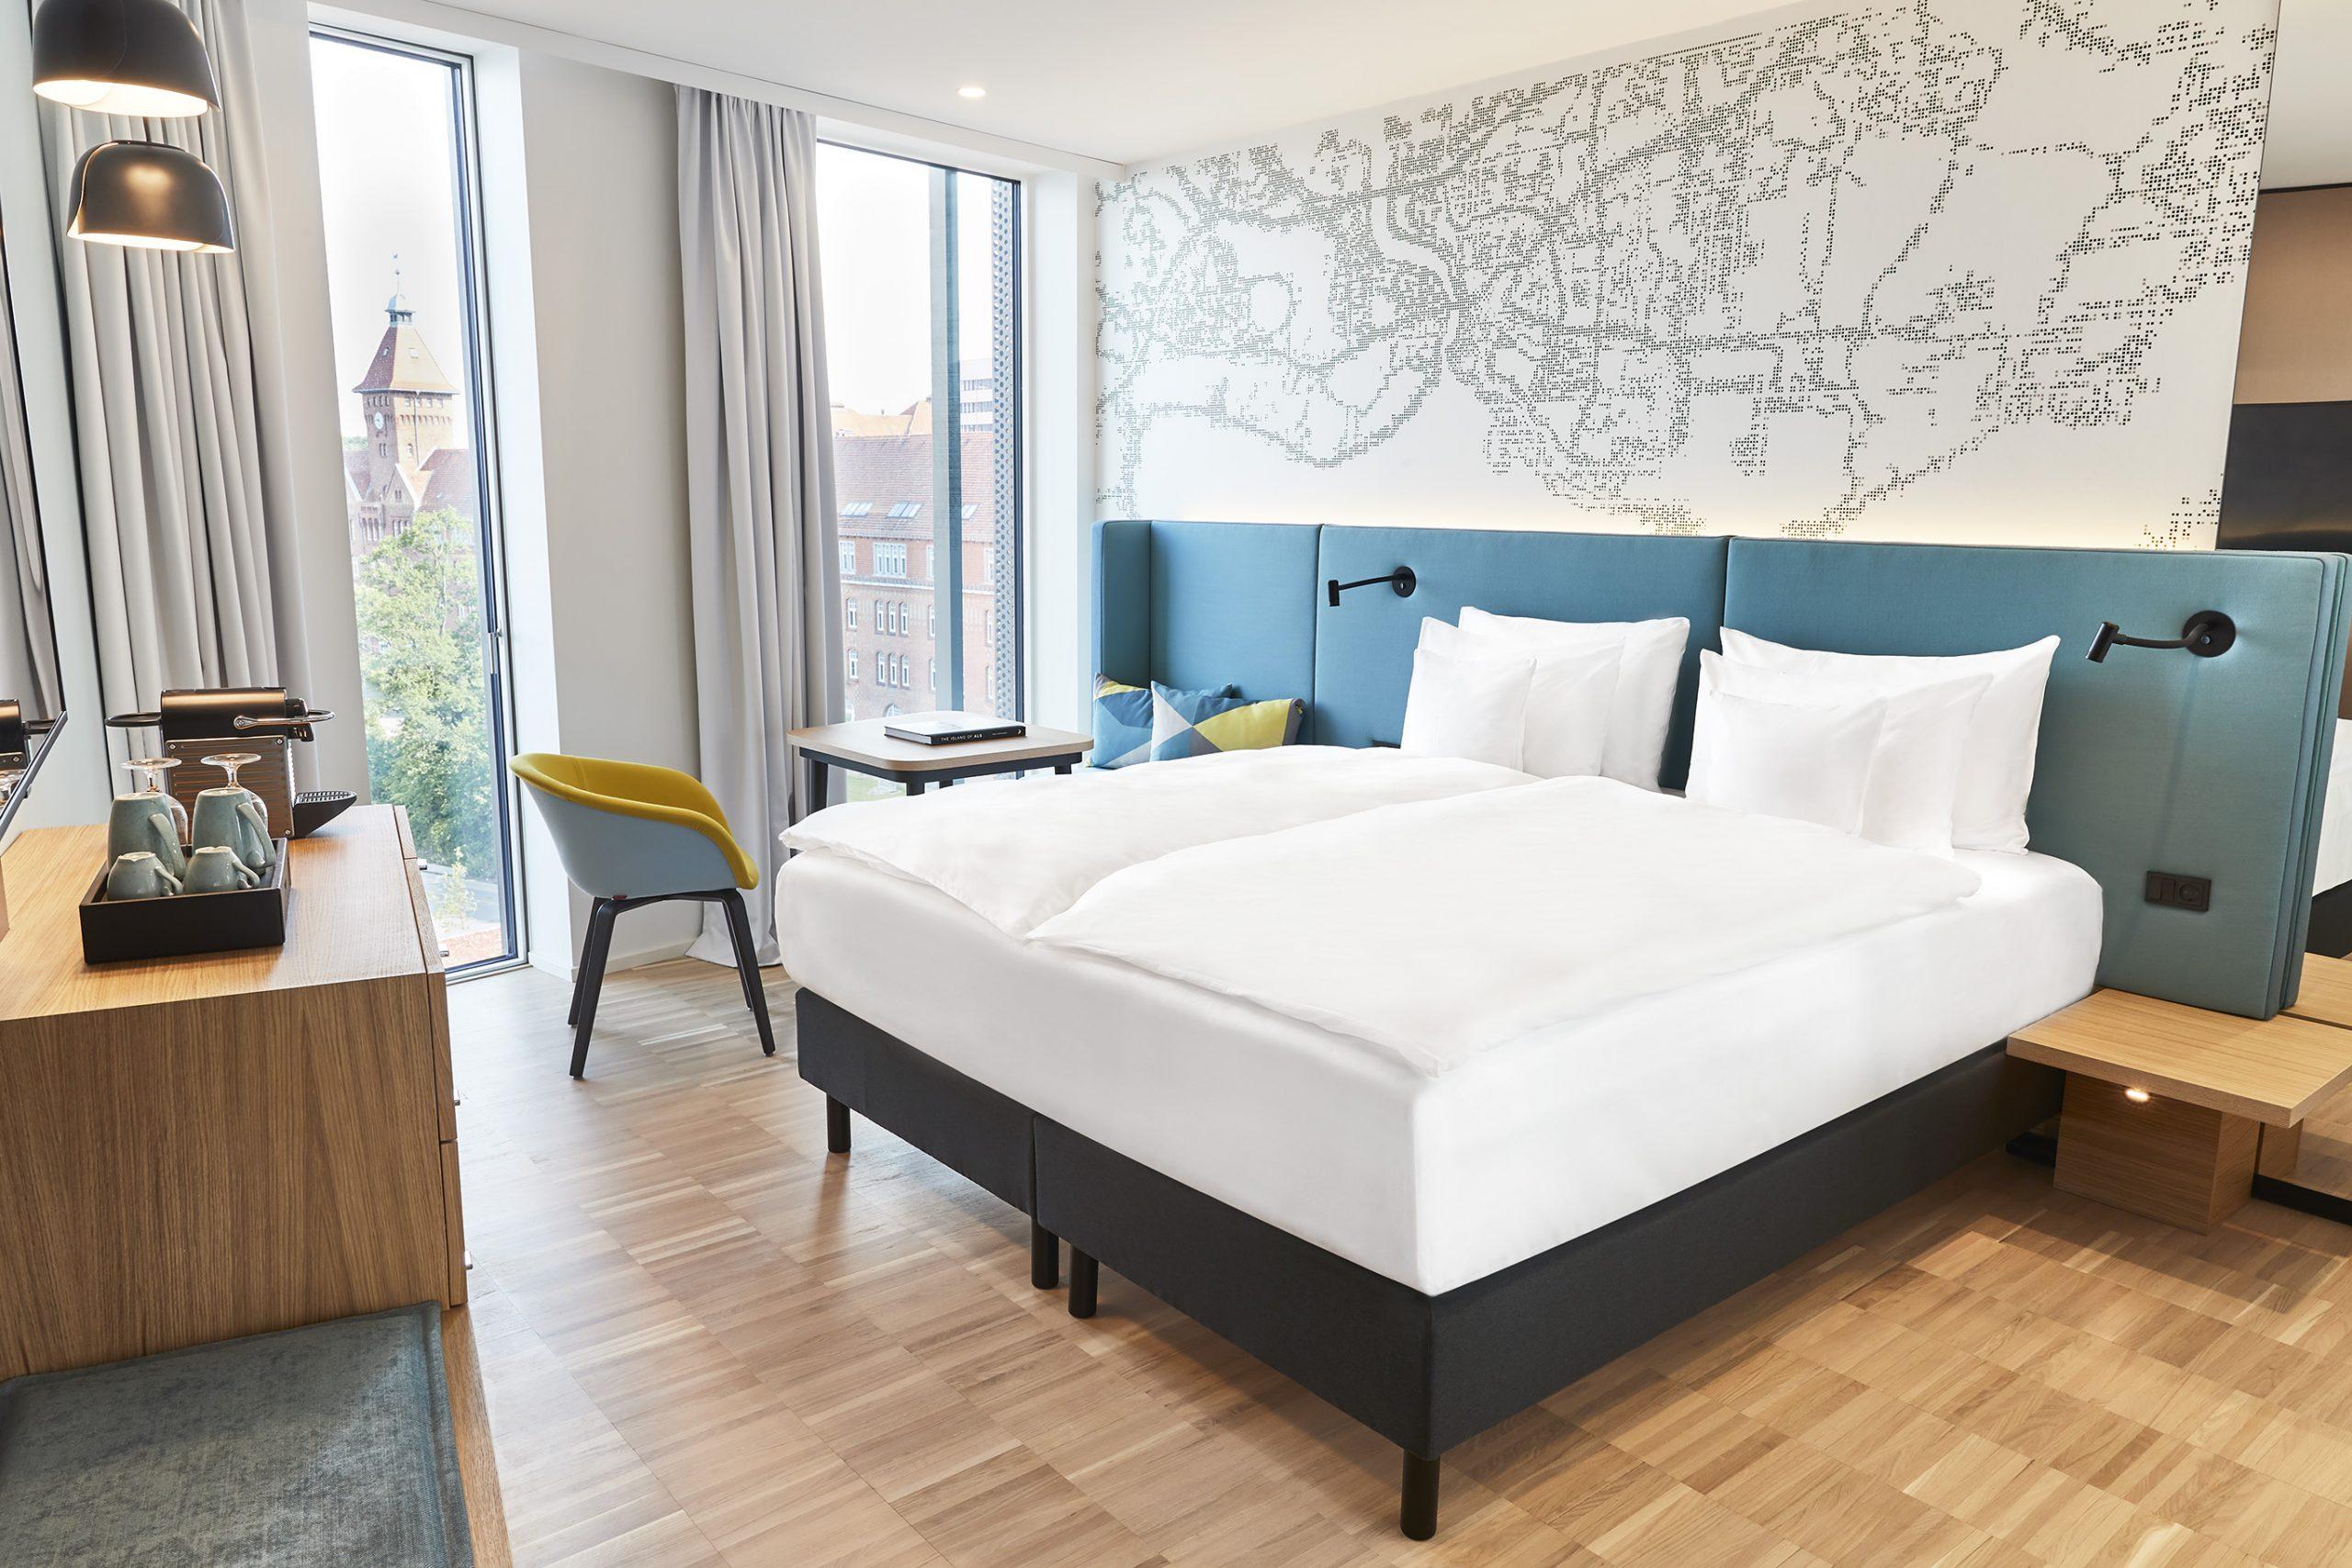 Firestjernede Alsik Steigenberger Hotel & Spa i Sønderborg blev taget i brug sidste år og har målt på Danfoss-koncernens indirekte investering i selve bygningen Danmarks dyreste hotelværelser udenfor København. Hotellet har dog også et kæmpe spaområde plus møde- og konferencefaciliteter. Pressefoto fra Alsik Hotel.